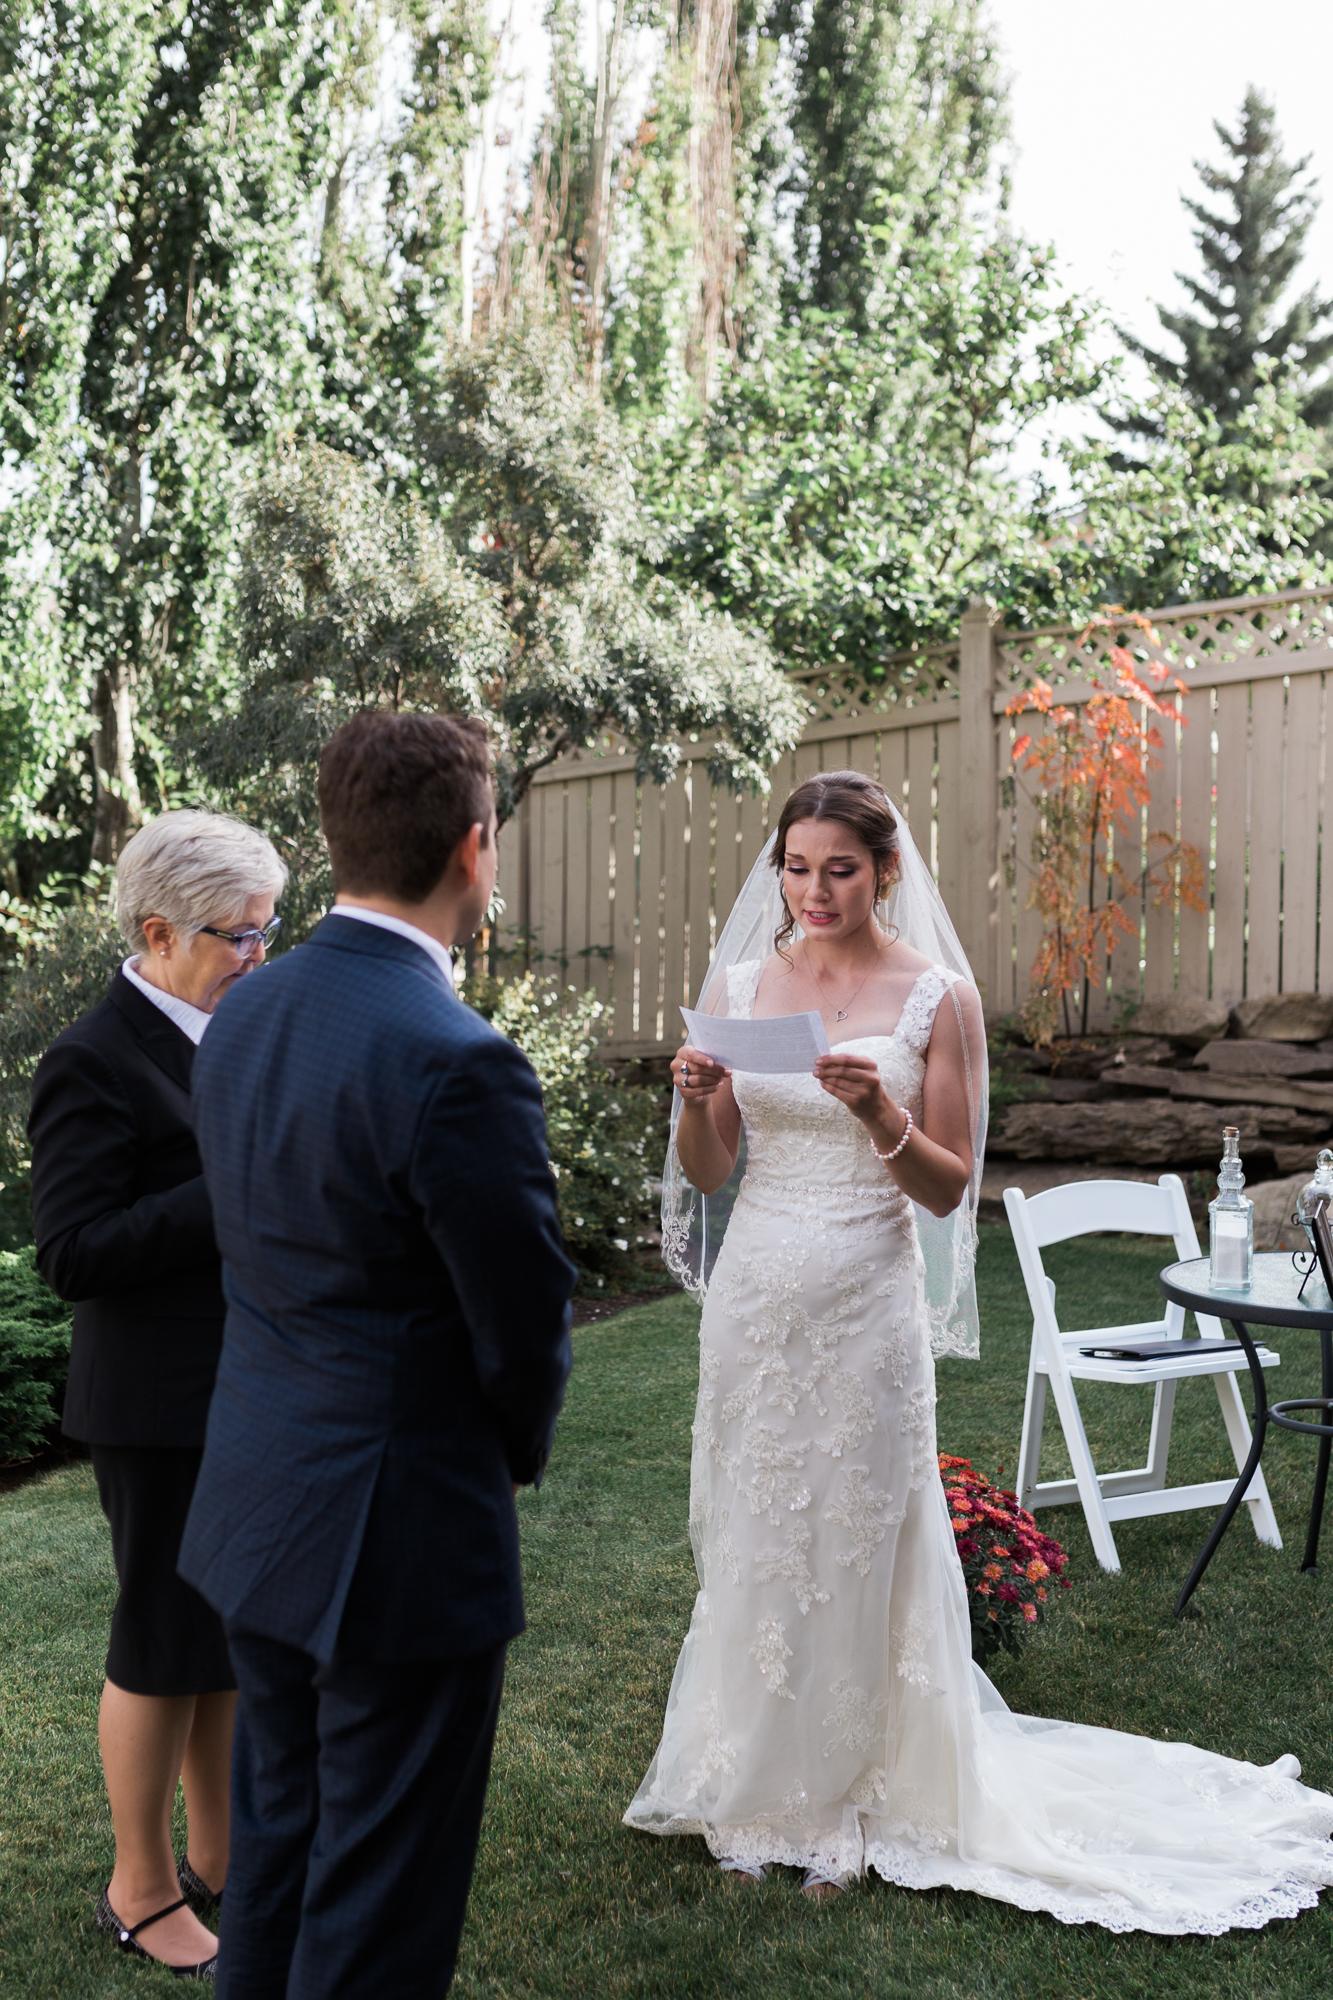 Deanna-Rachel-Photography-calgary-Wedding-photographer-jm-57.jpg